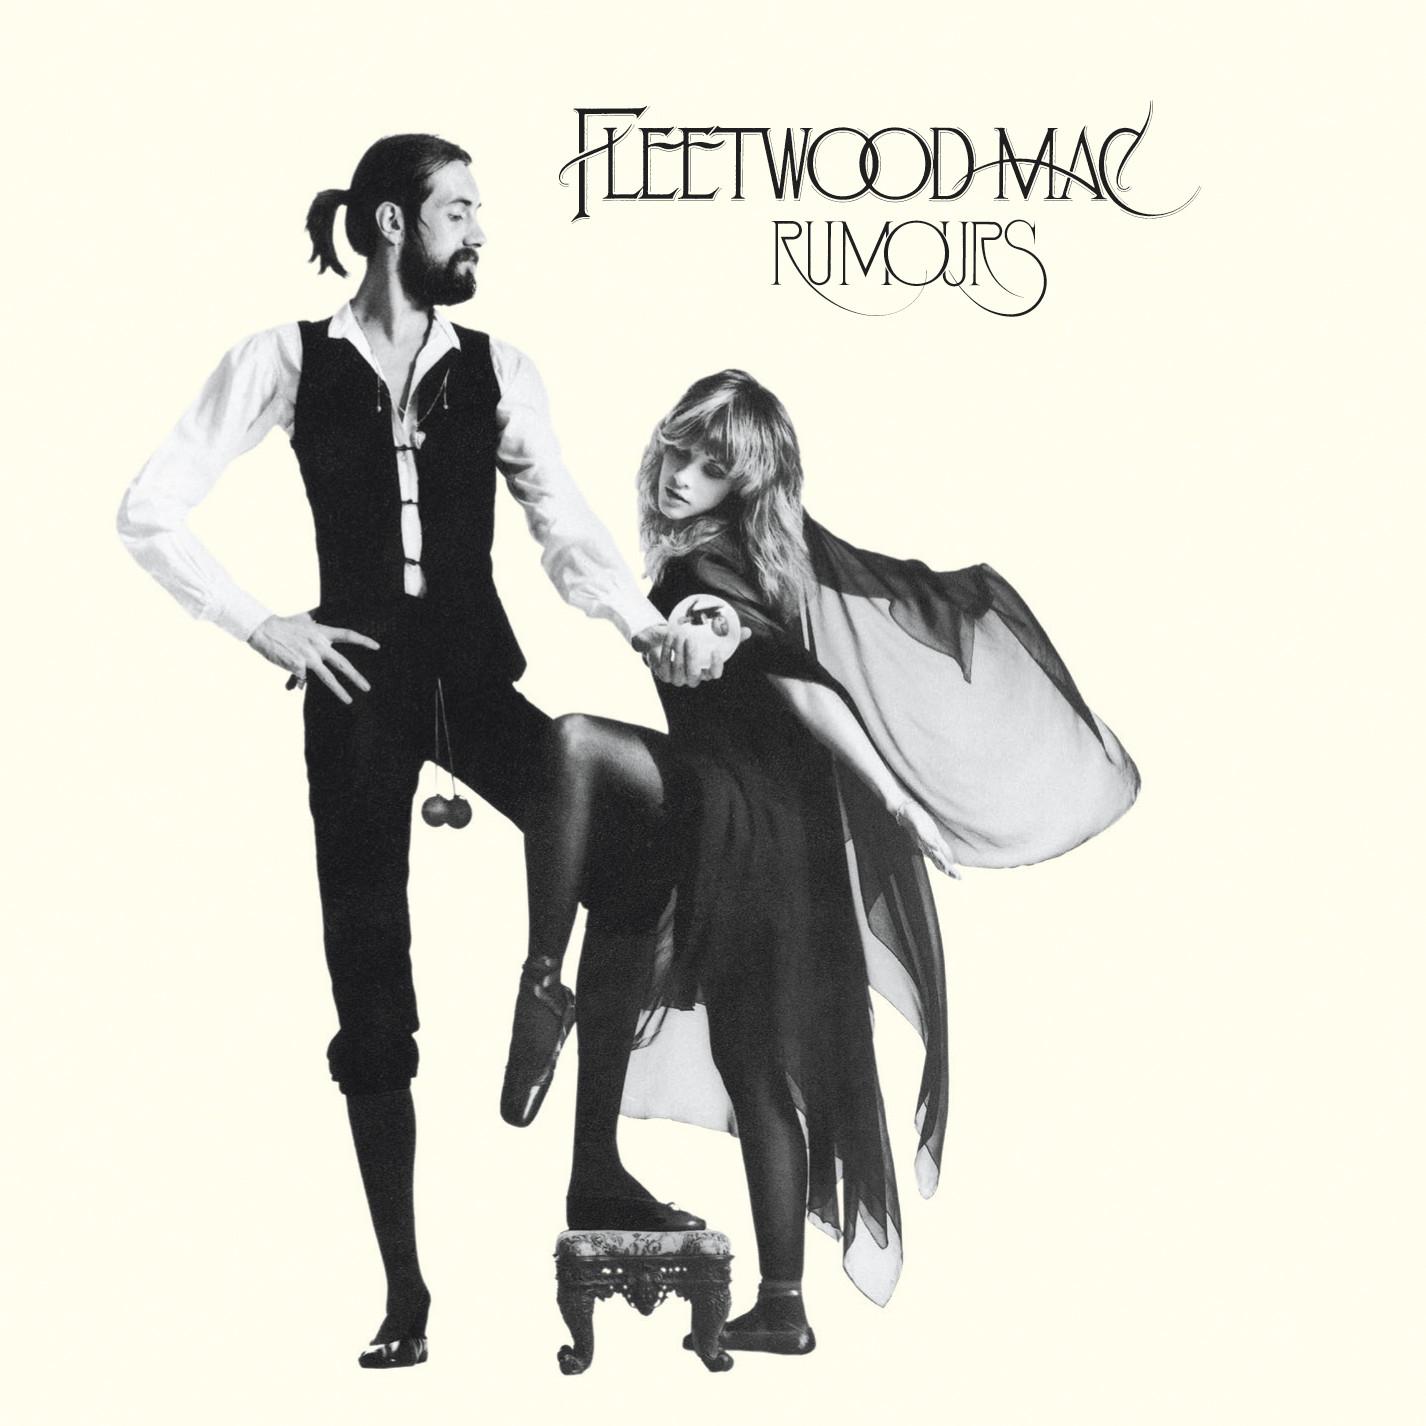 Fleetwood Mac CD cover.